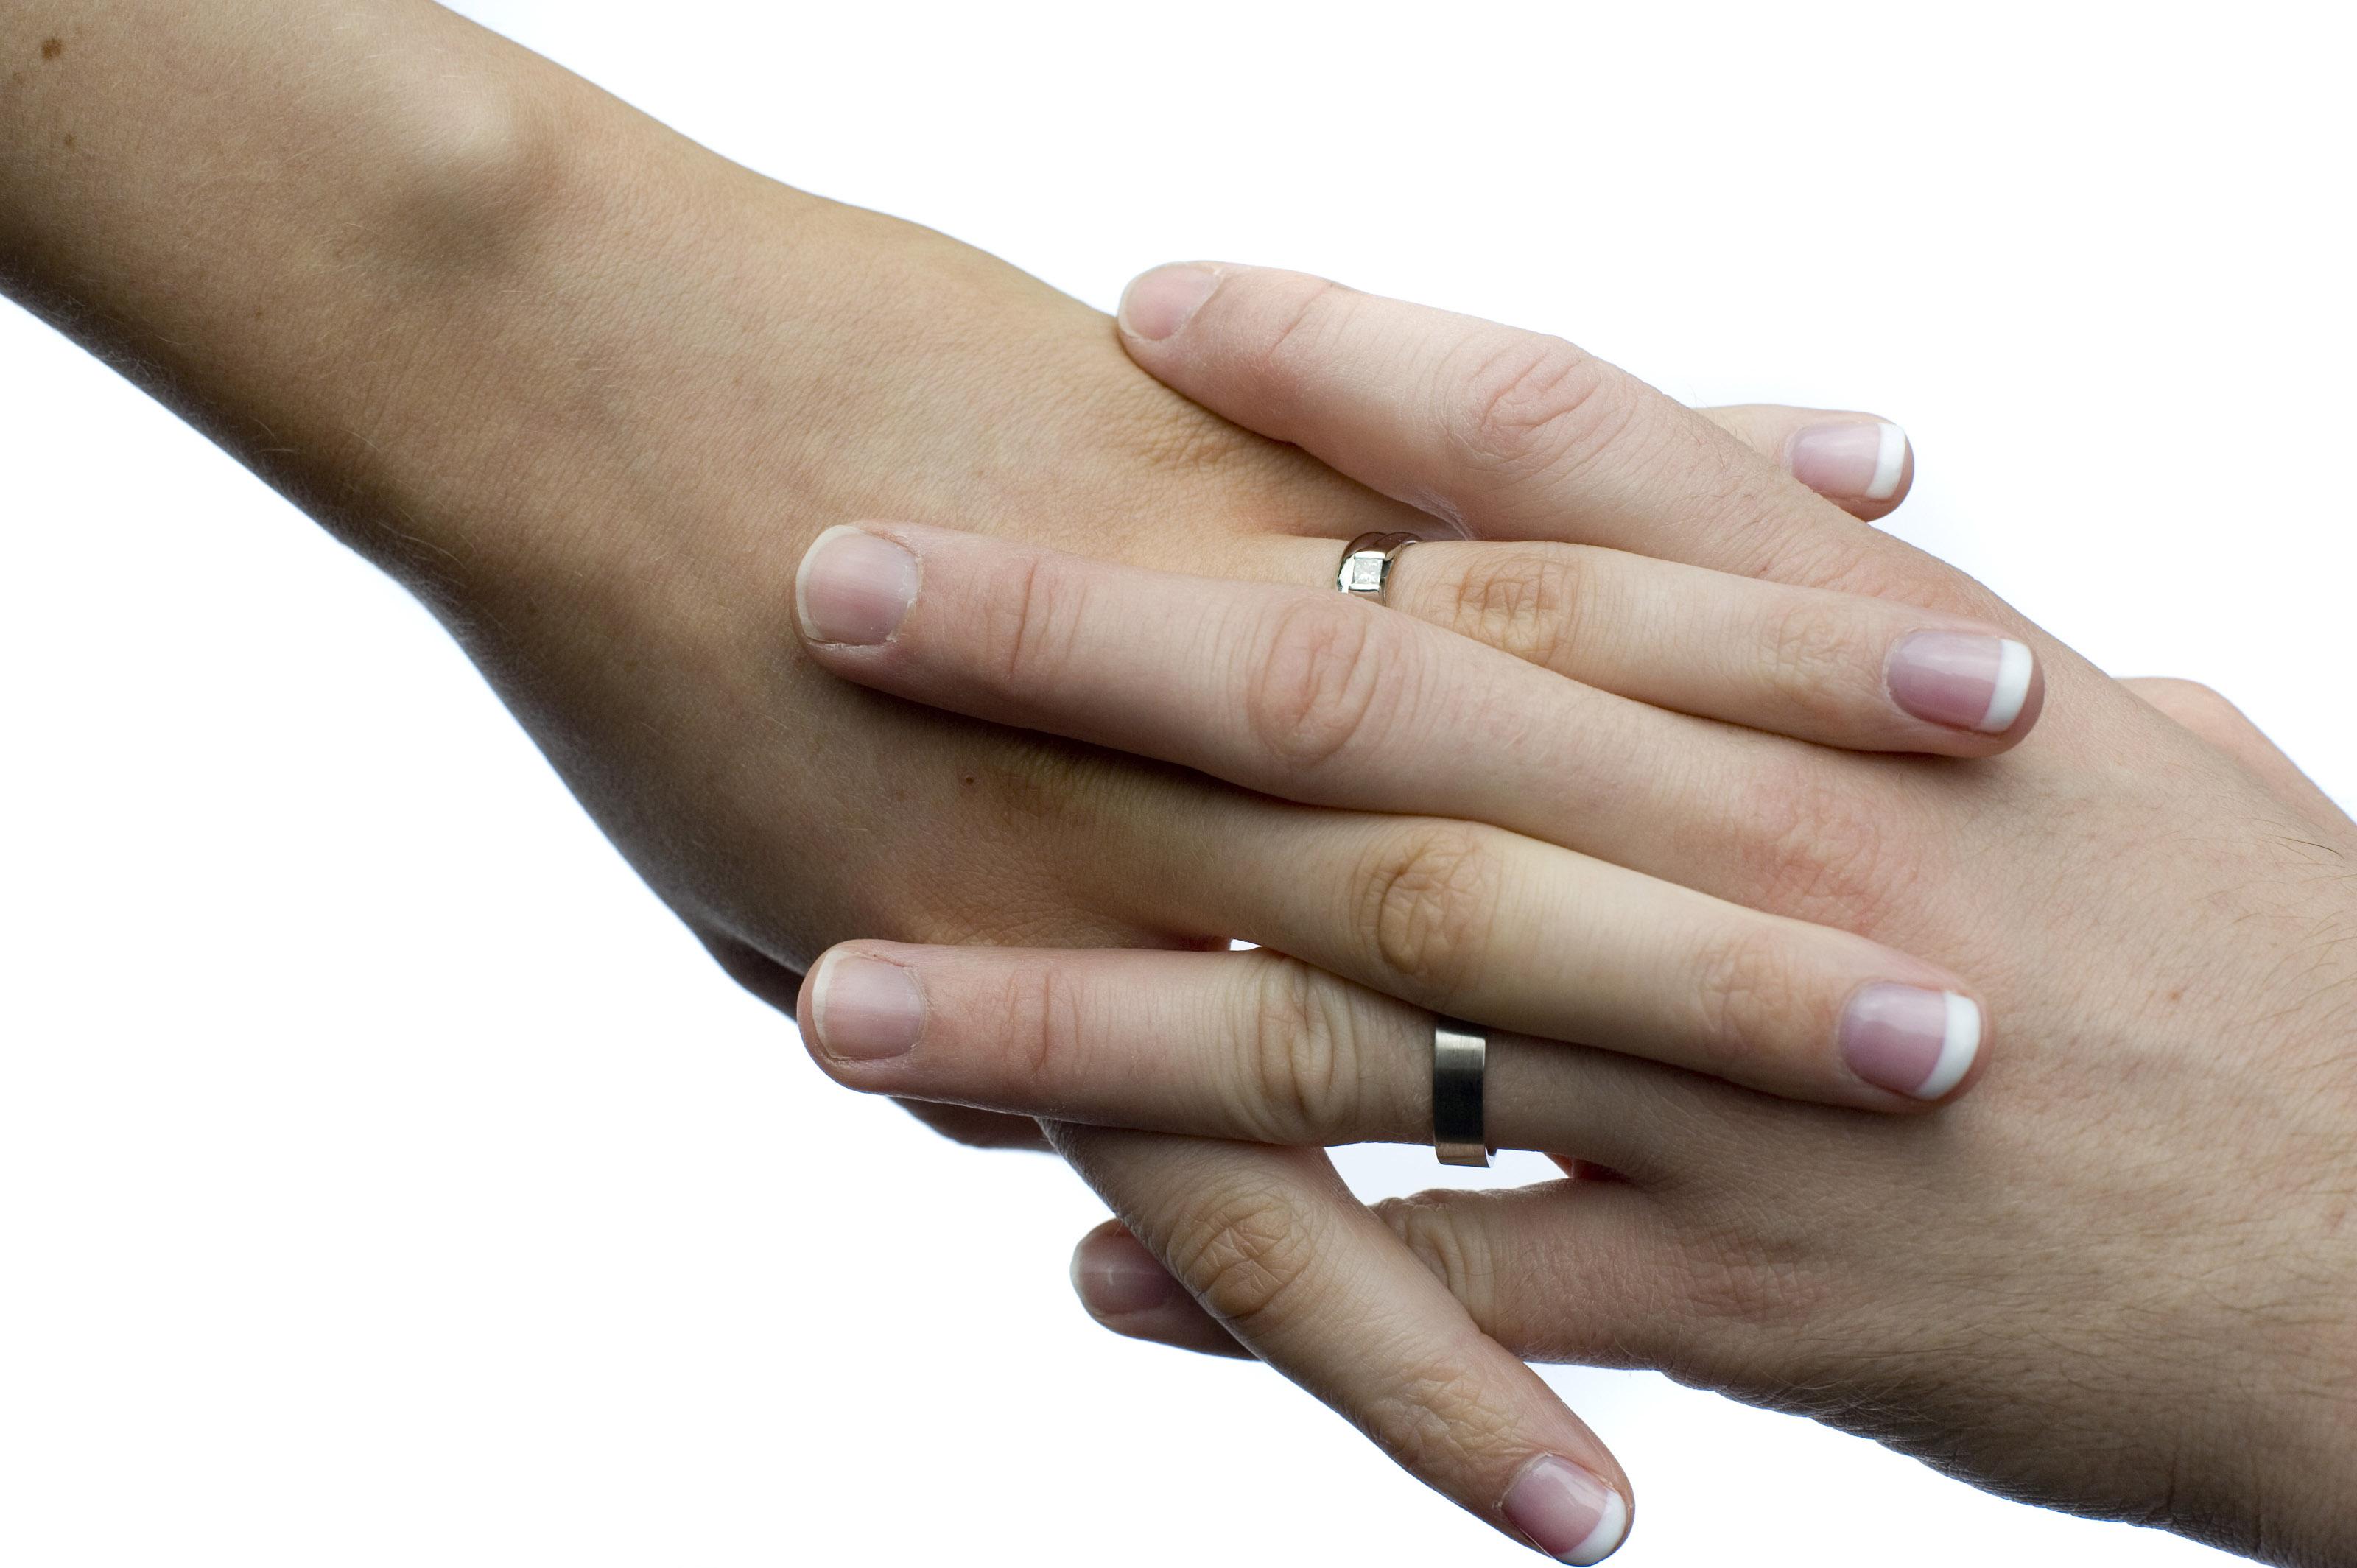 Фокусы с пальцами и их секреты: описание и инструкция 70